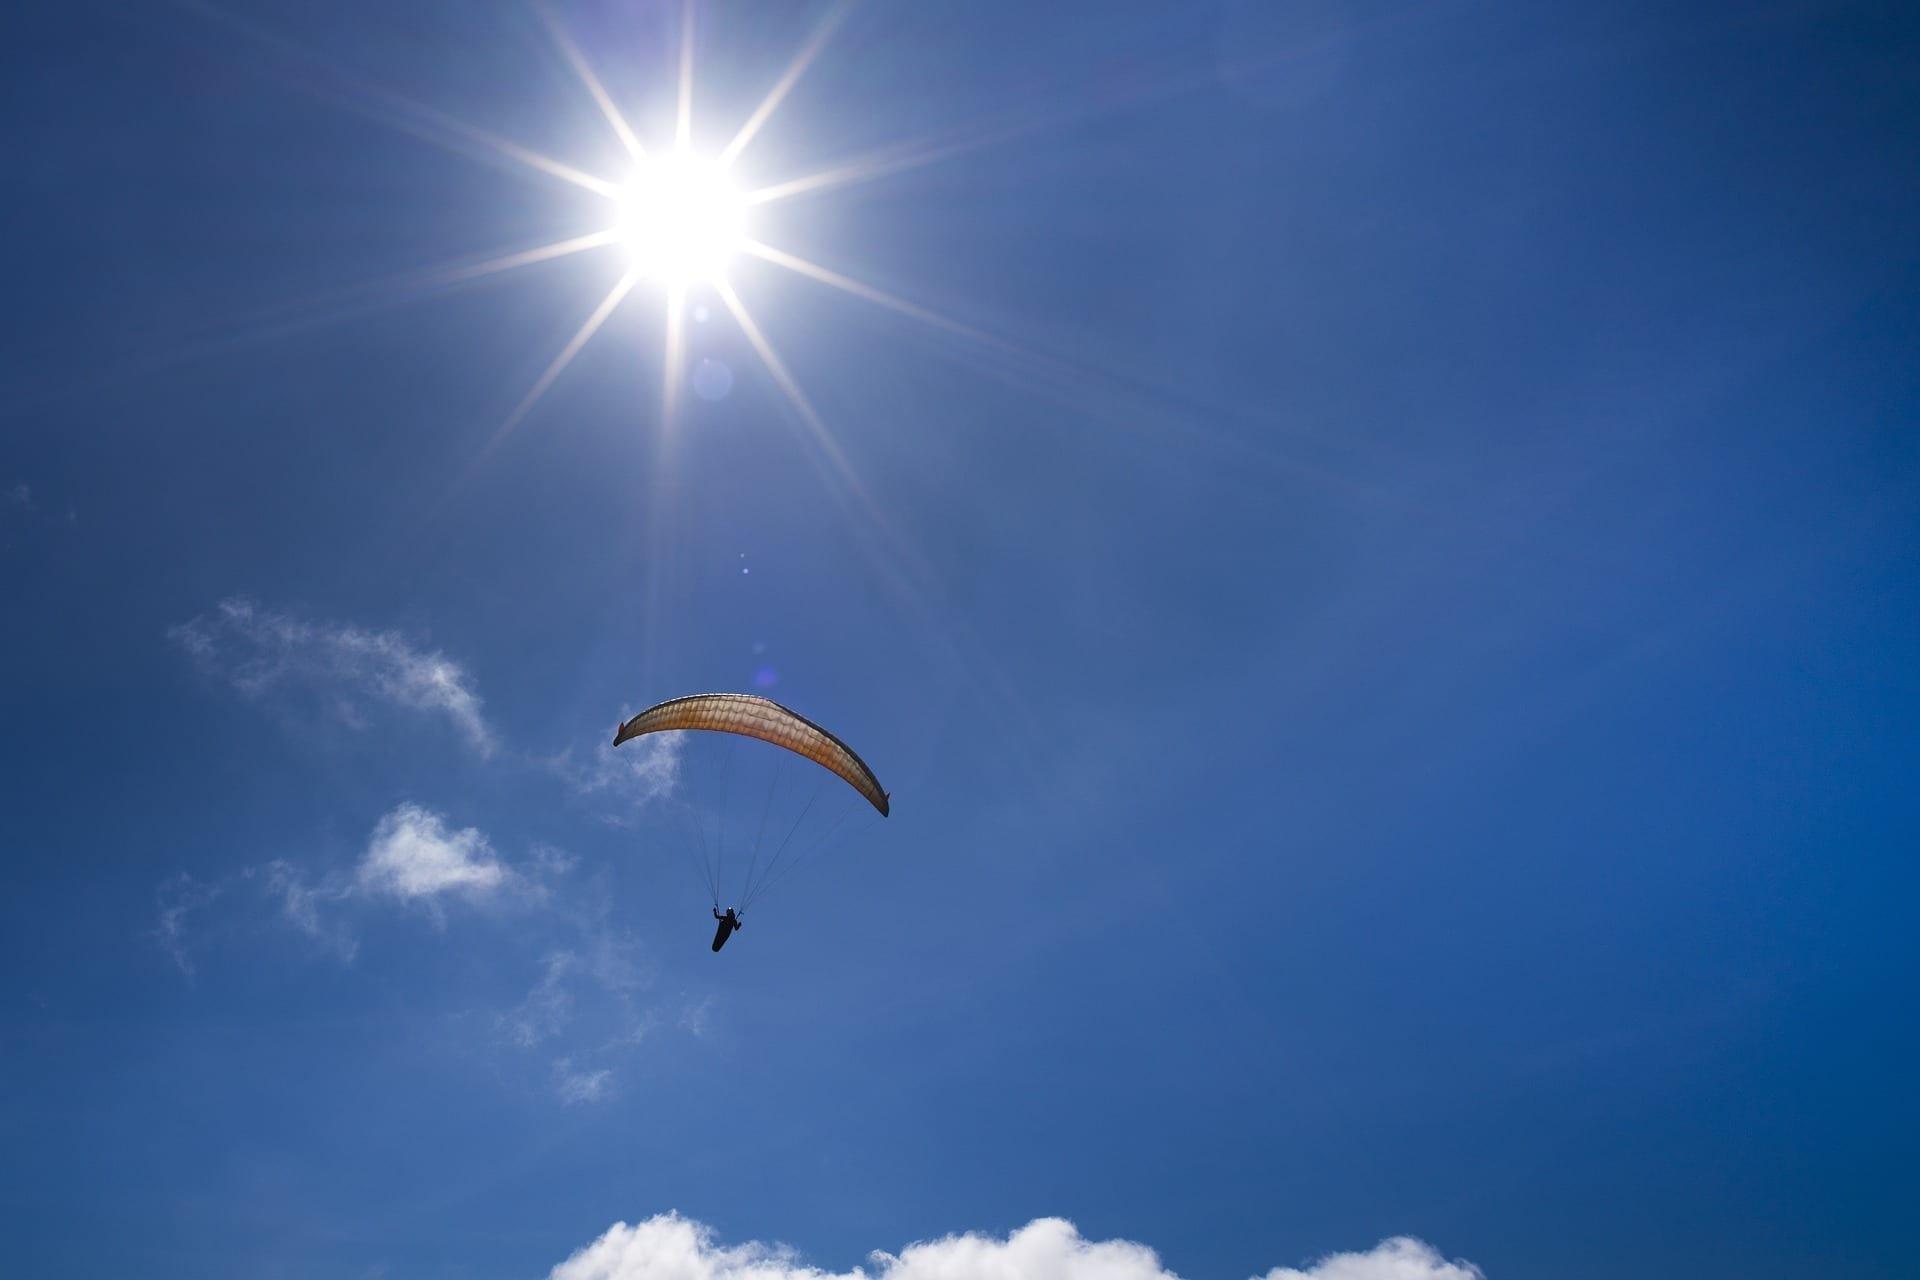 Skydiver; photo by Quangpraha, via Pixabay, CC0.